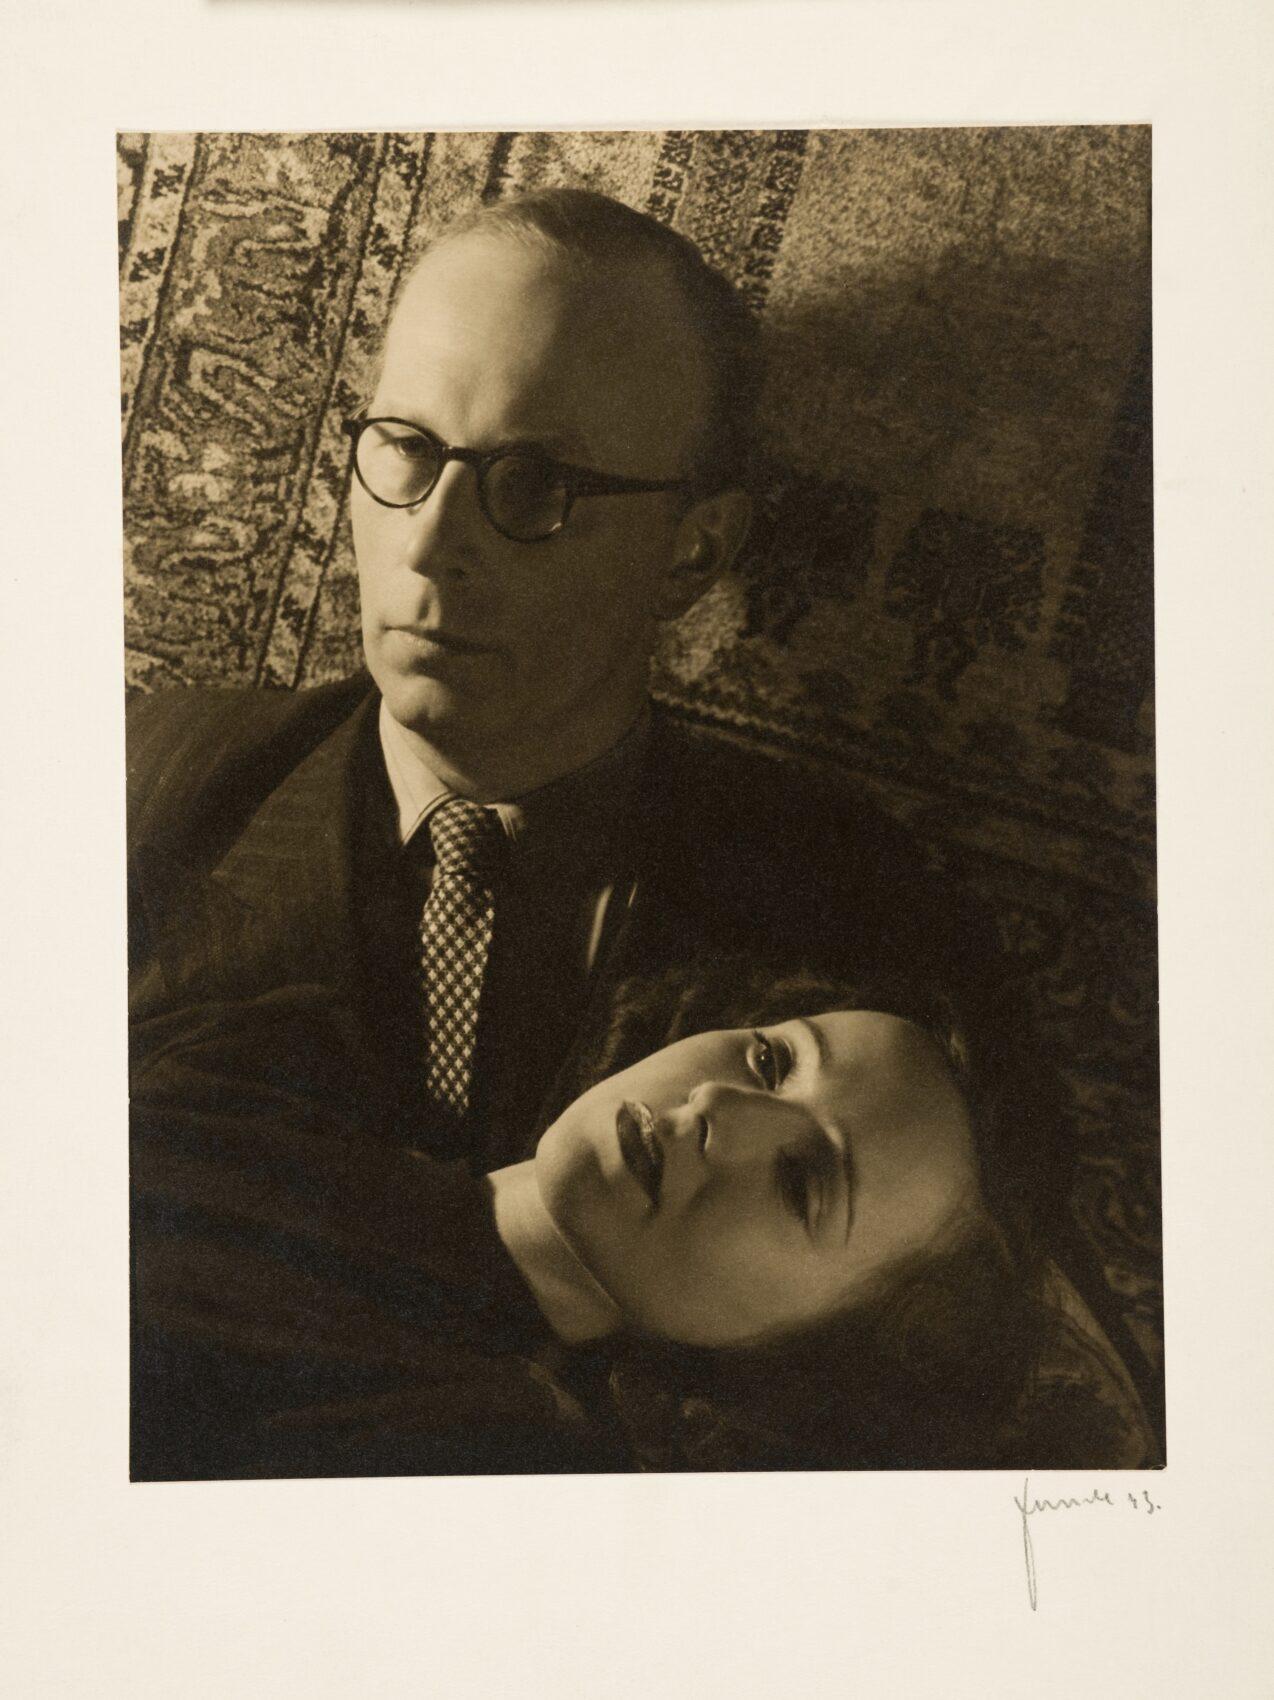 Muž s brýlemi a krásná žena na dvojportrétu.